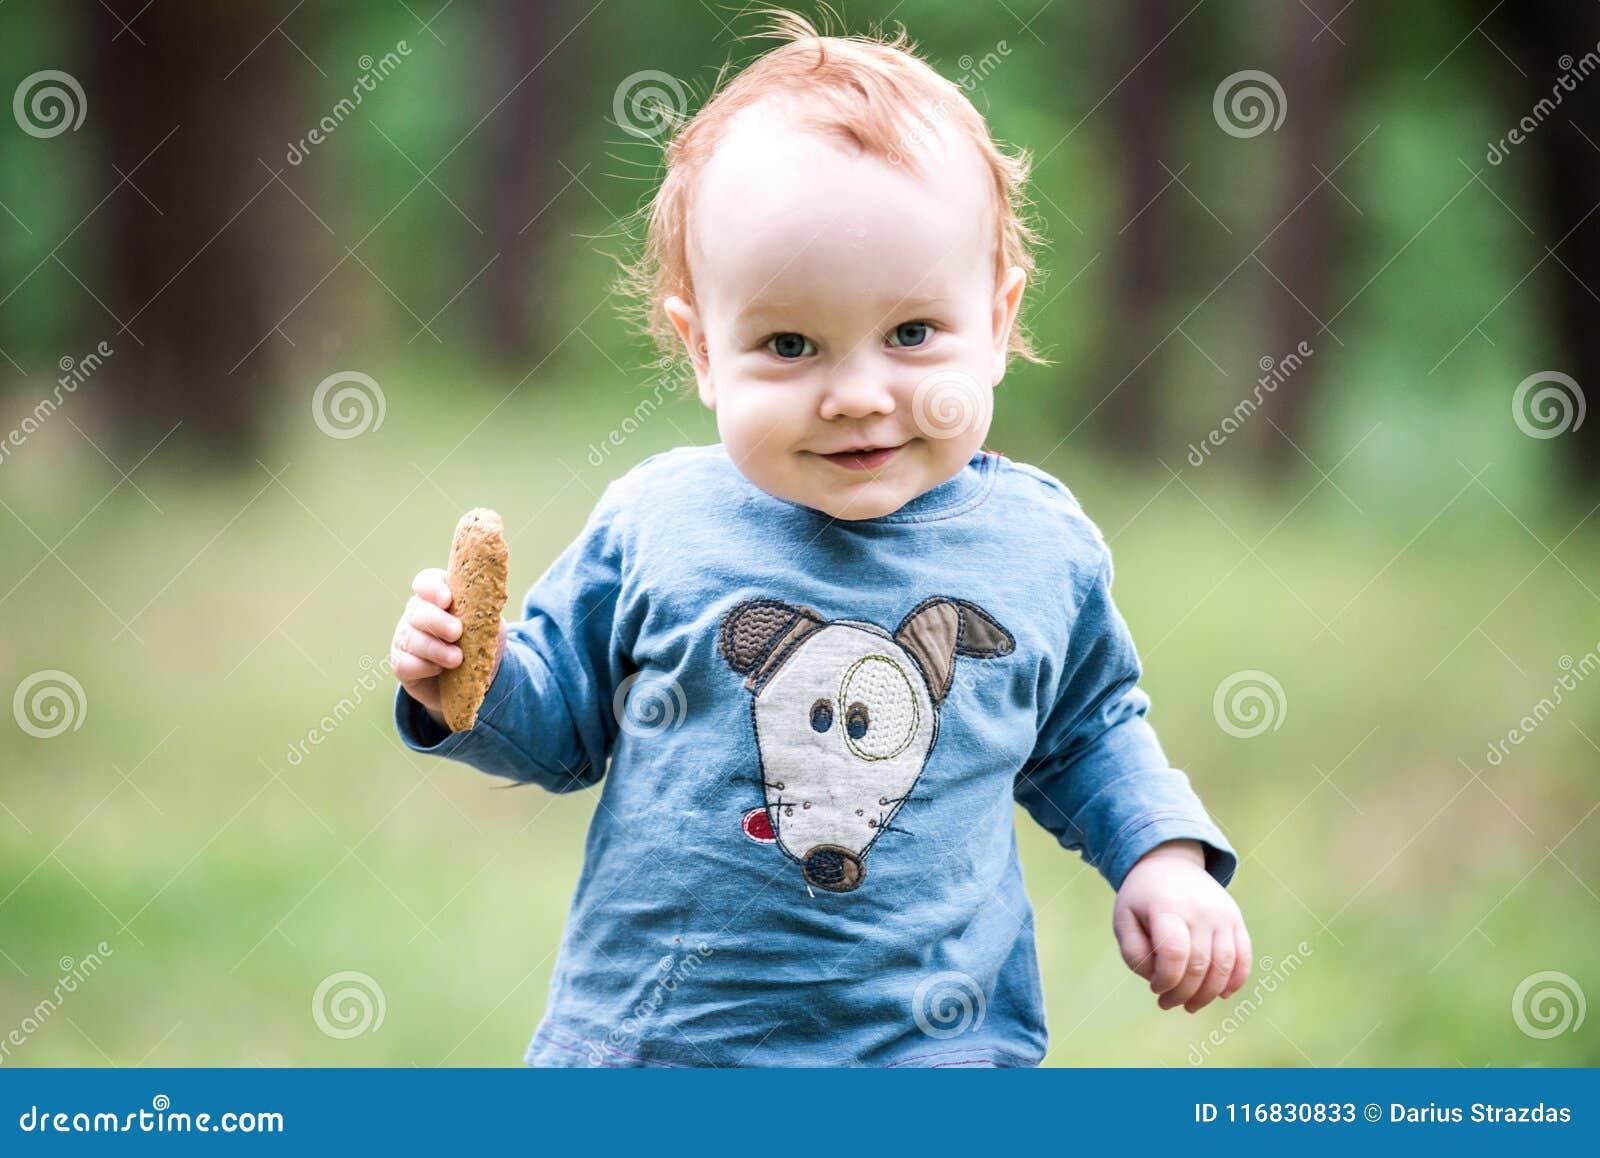 愉快的甜小孩在森林里